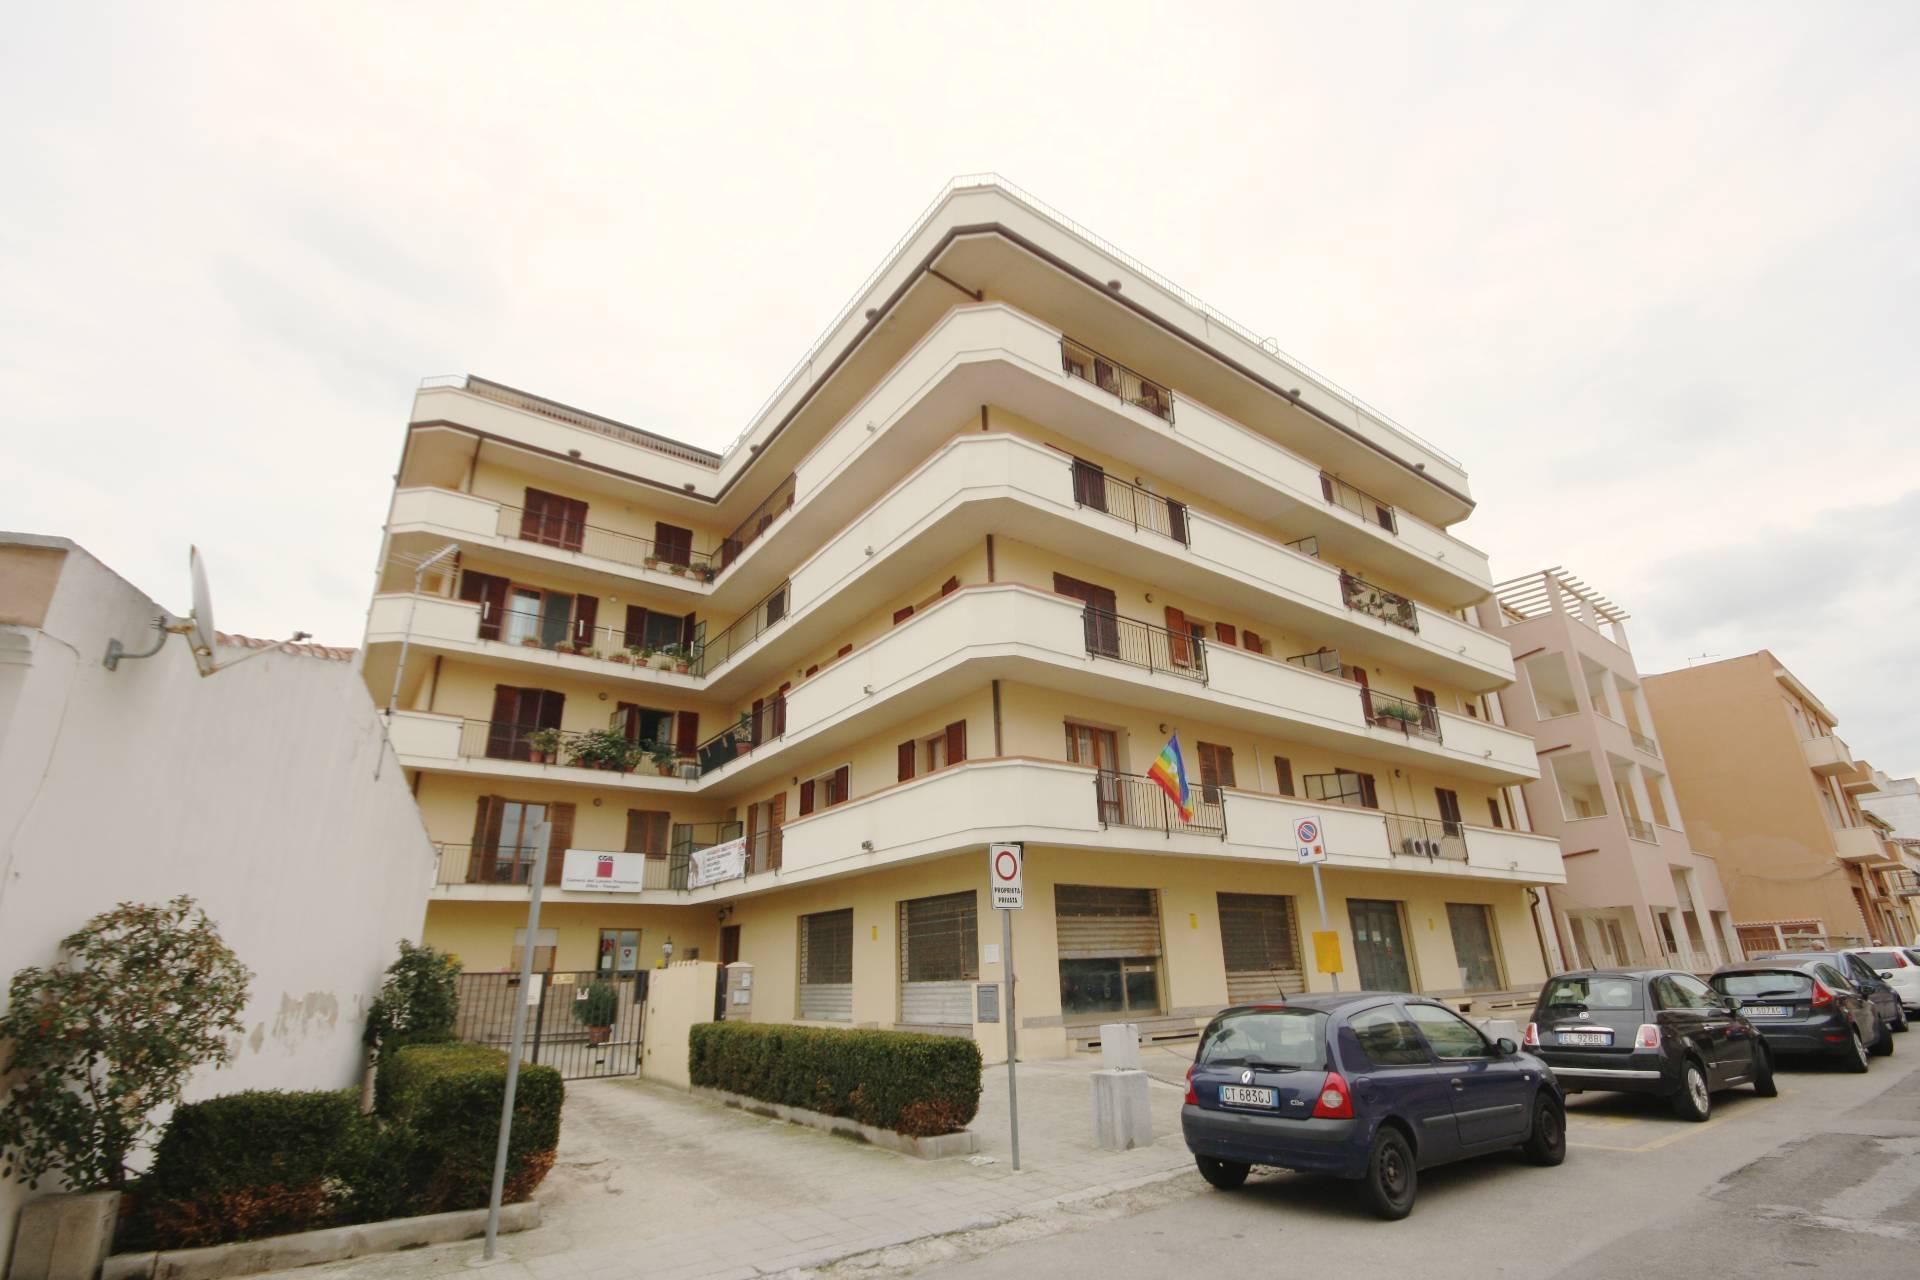 Appartamento in vendita a Olbia - Porto Rotondo, 3 locali, zona Località: Olbiacittà, prezzo € 144.000   CambioCasa.it